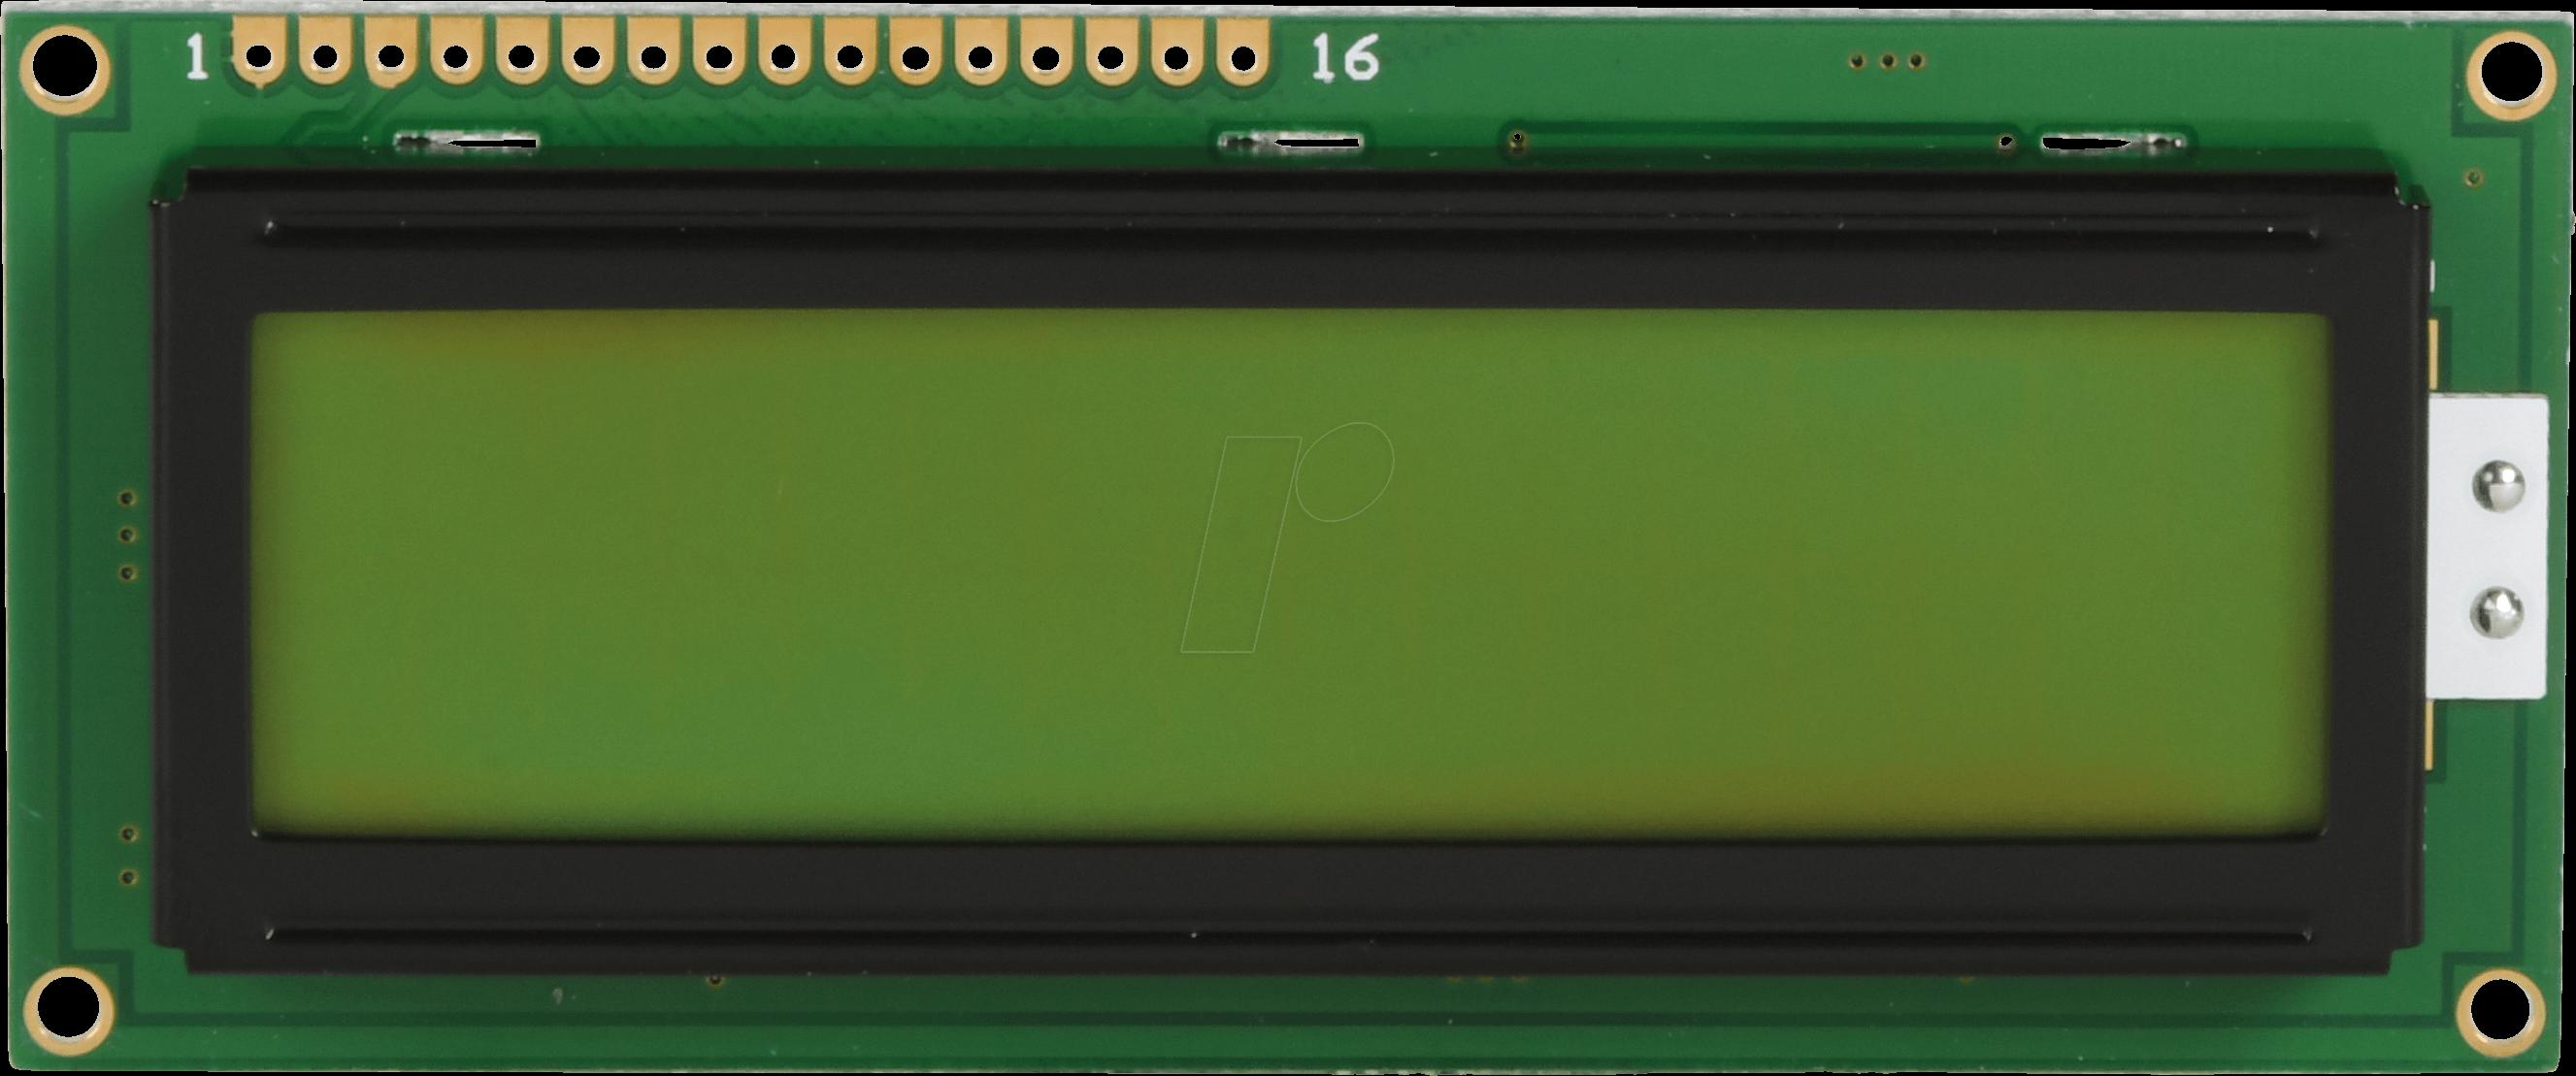 https://cdn-reichelt.de/bilder/web/xxl_ws/A500/LCD-PM_2X16-8_A.png